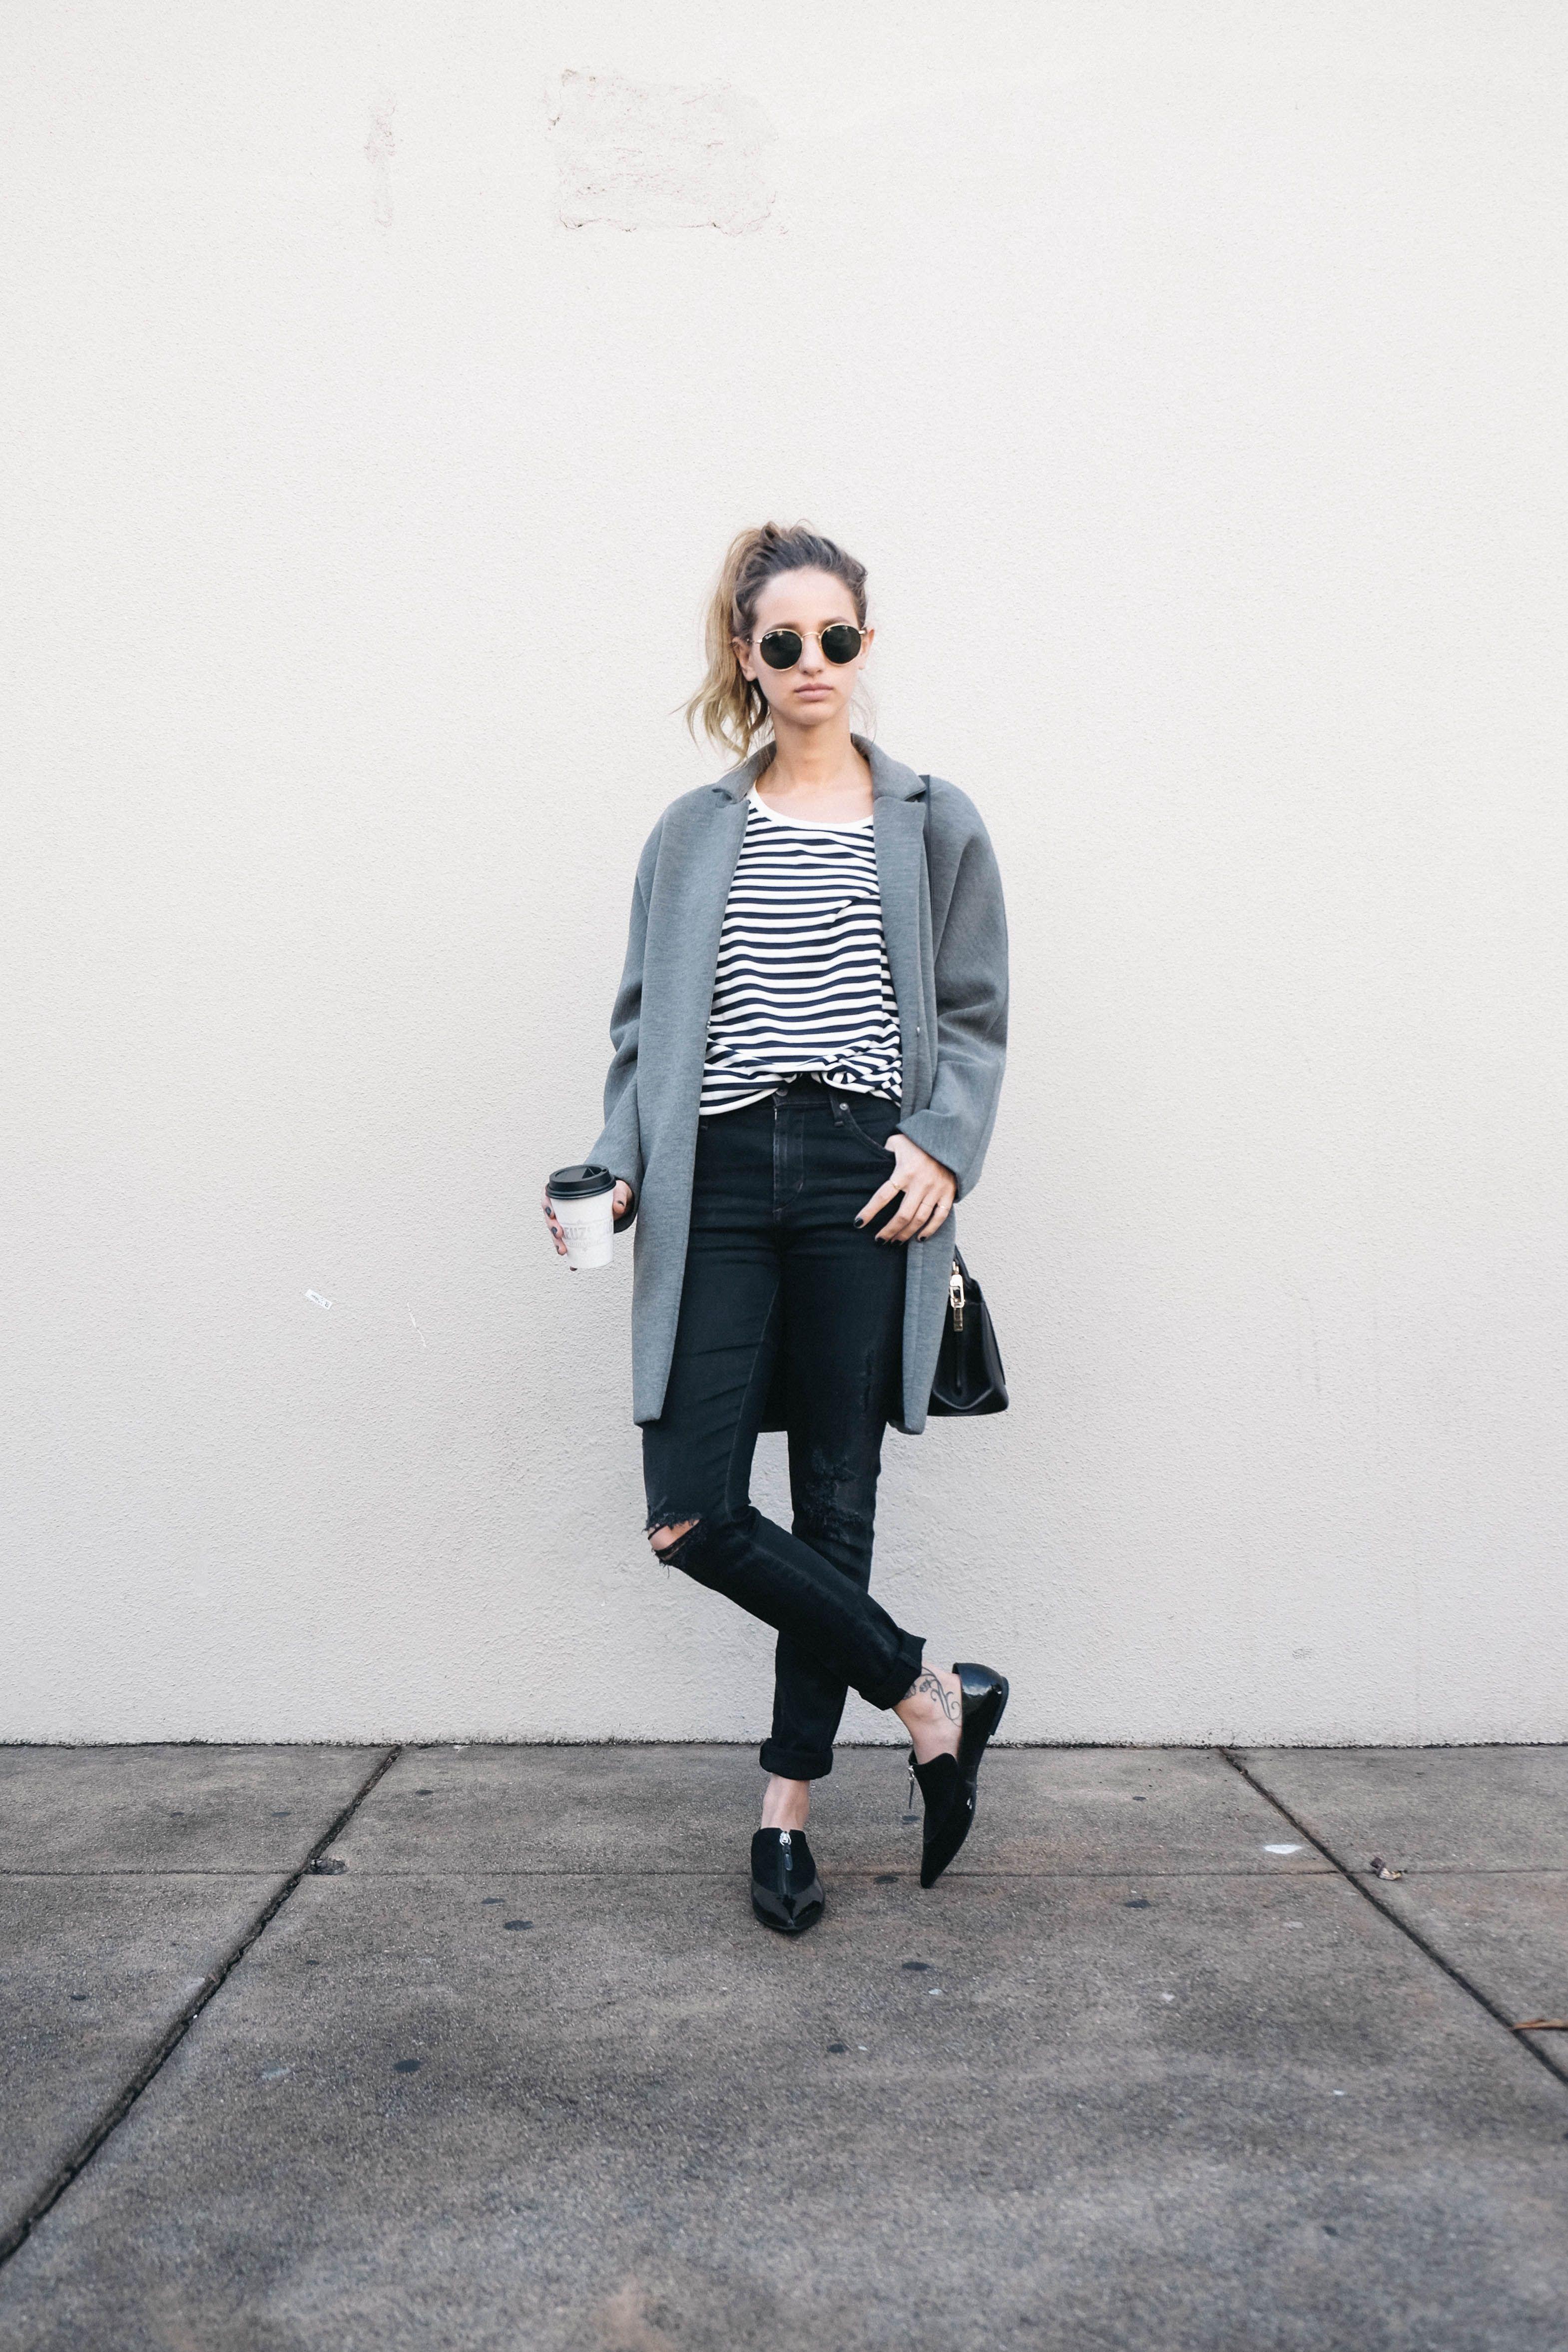 Boxy grey coat, stripy t-shirt and black loafers | via jesshannah.com